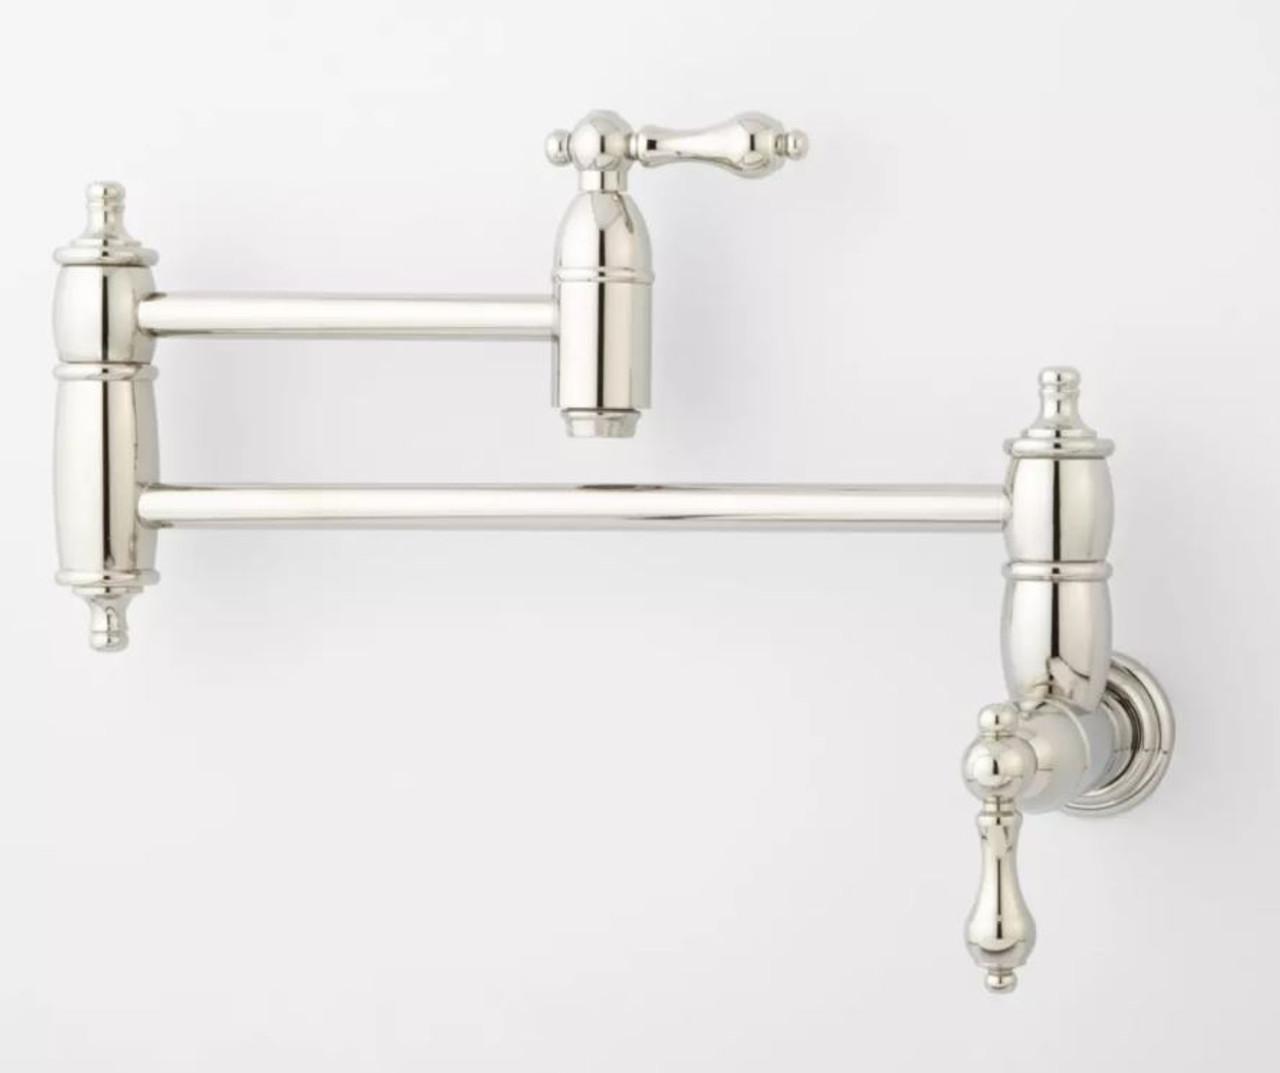 Signature Hardware 948580 Rigi 1.2 GPM 1 Hole Bathroom Faucet Nickel